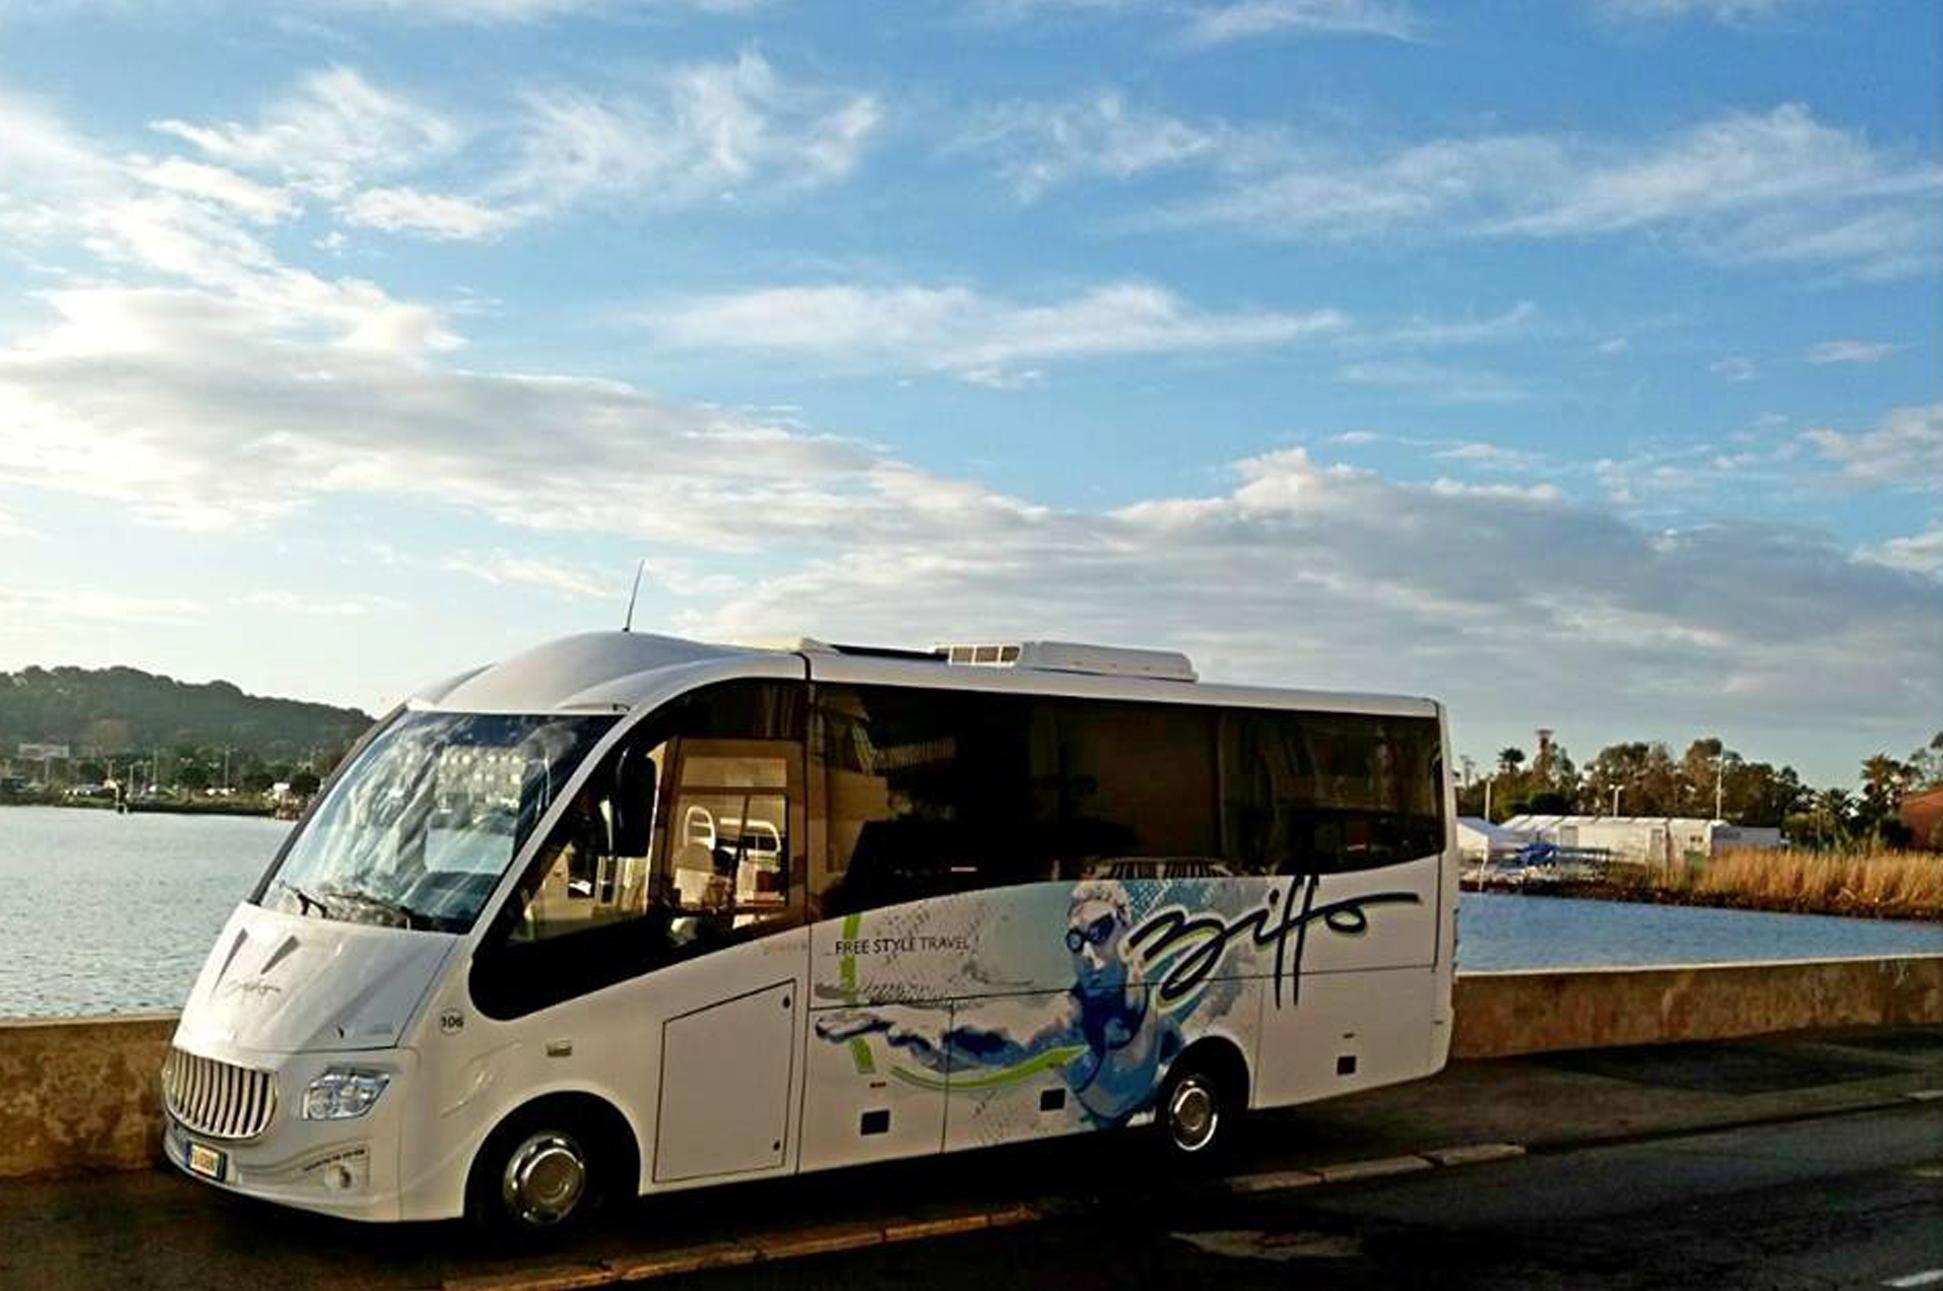 Possibilità di noleggiare i nostri minibus per spostamenti di piccoli gruppi di persone gruppo biffo bra cuneo piemonte